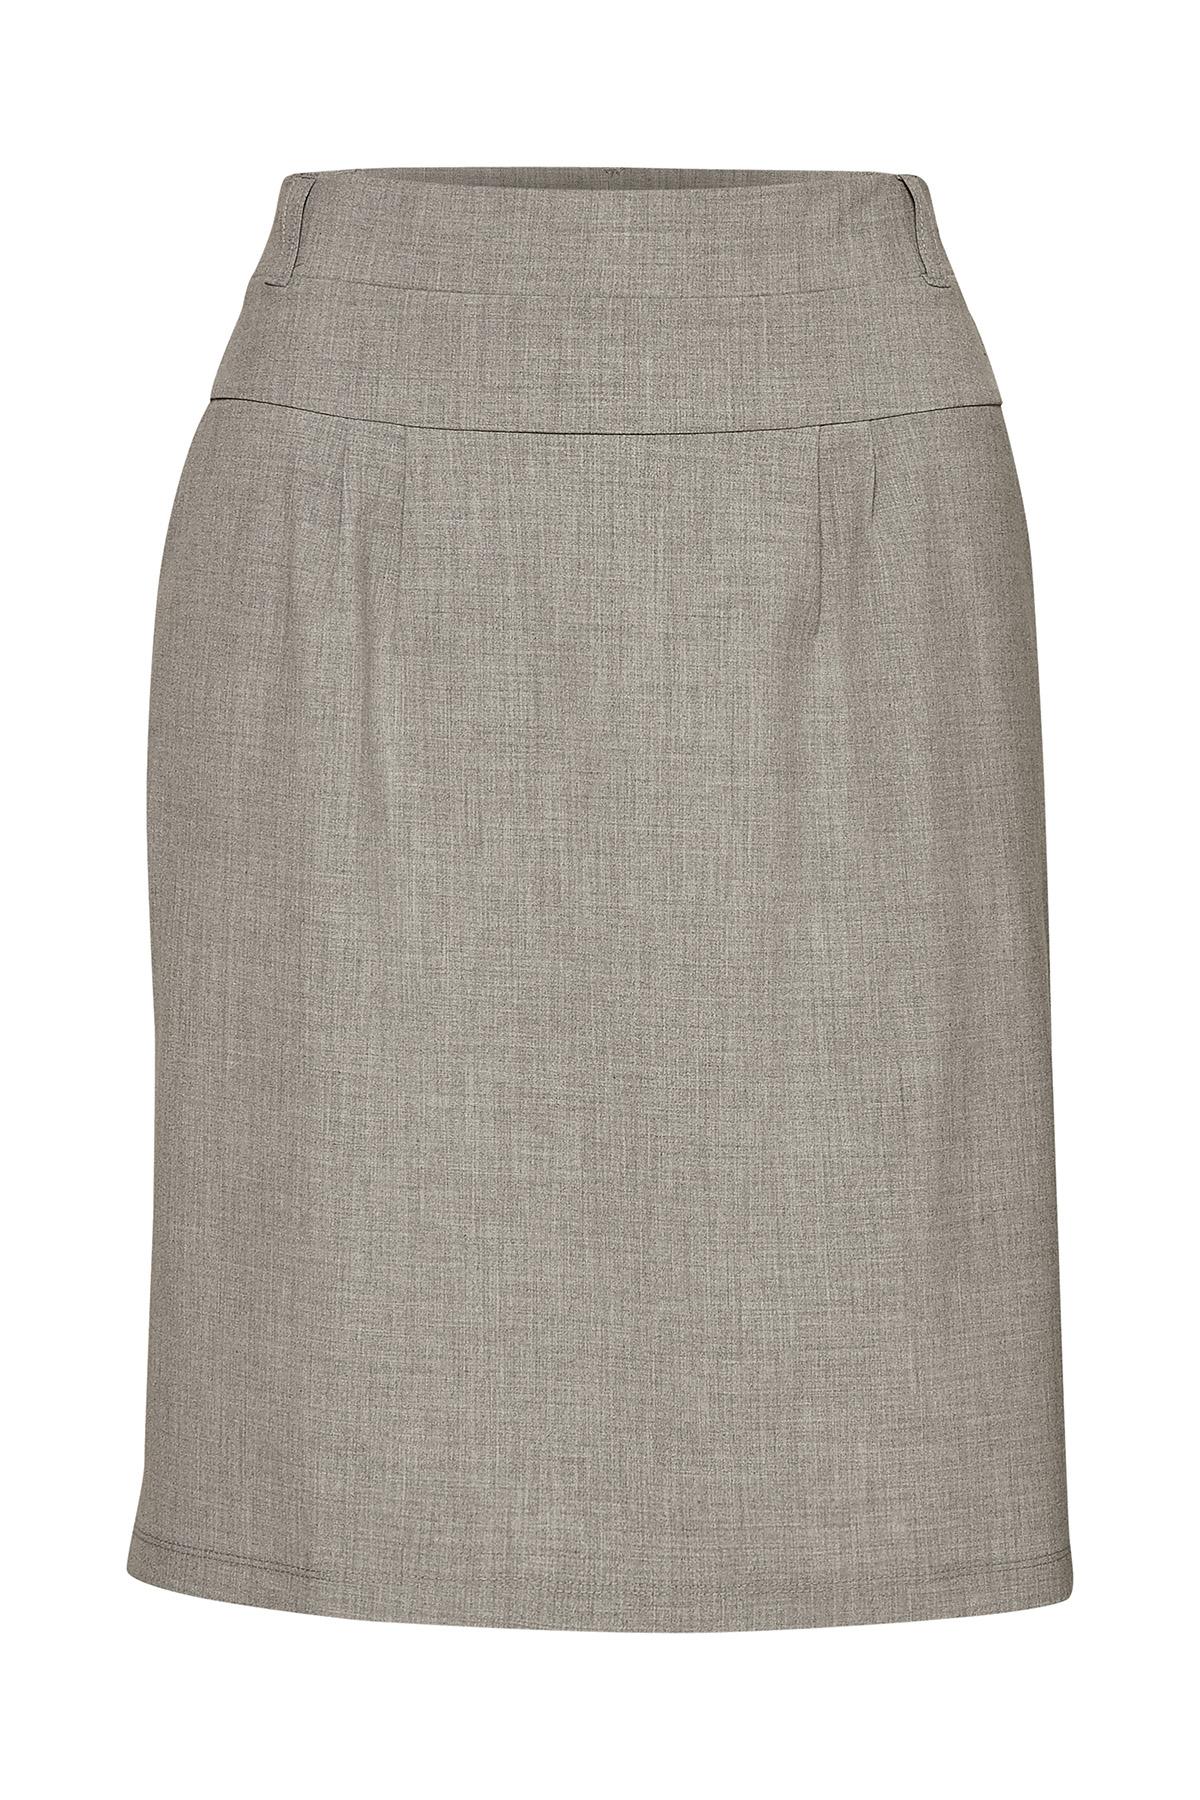 Lys gråmeleret Nederdele fra Kaffe – Køb Lys gråmeleret Nederdele fra str. 32-46 her